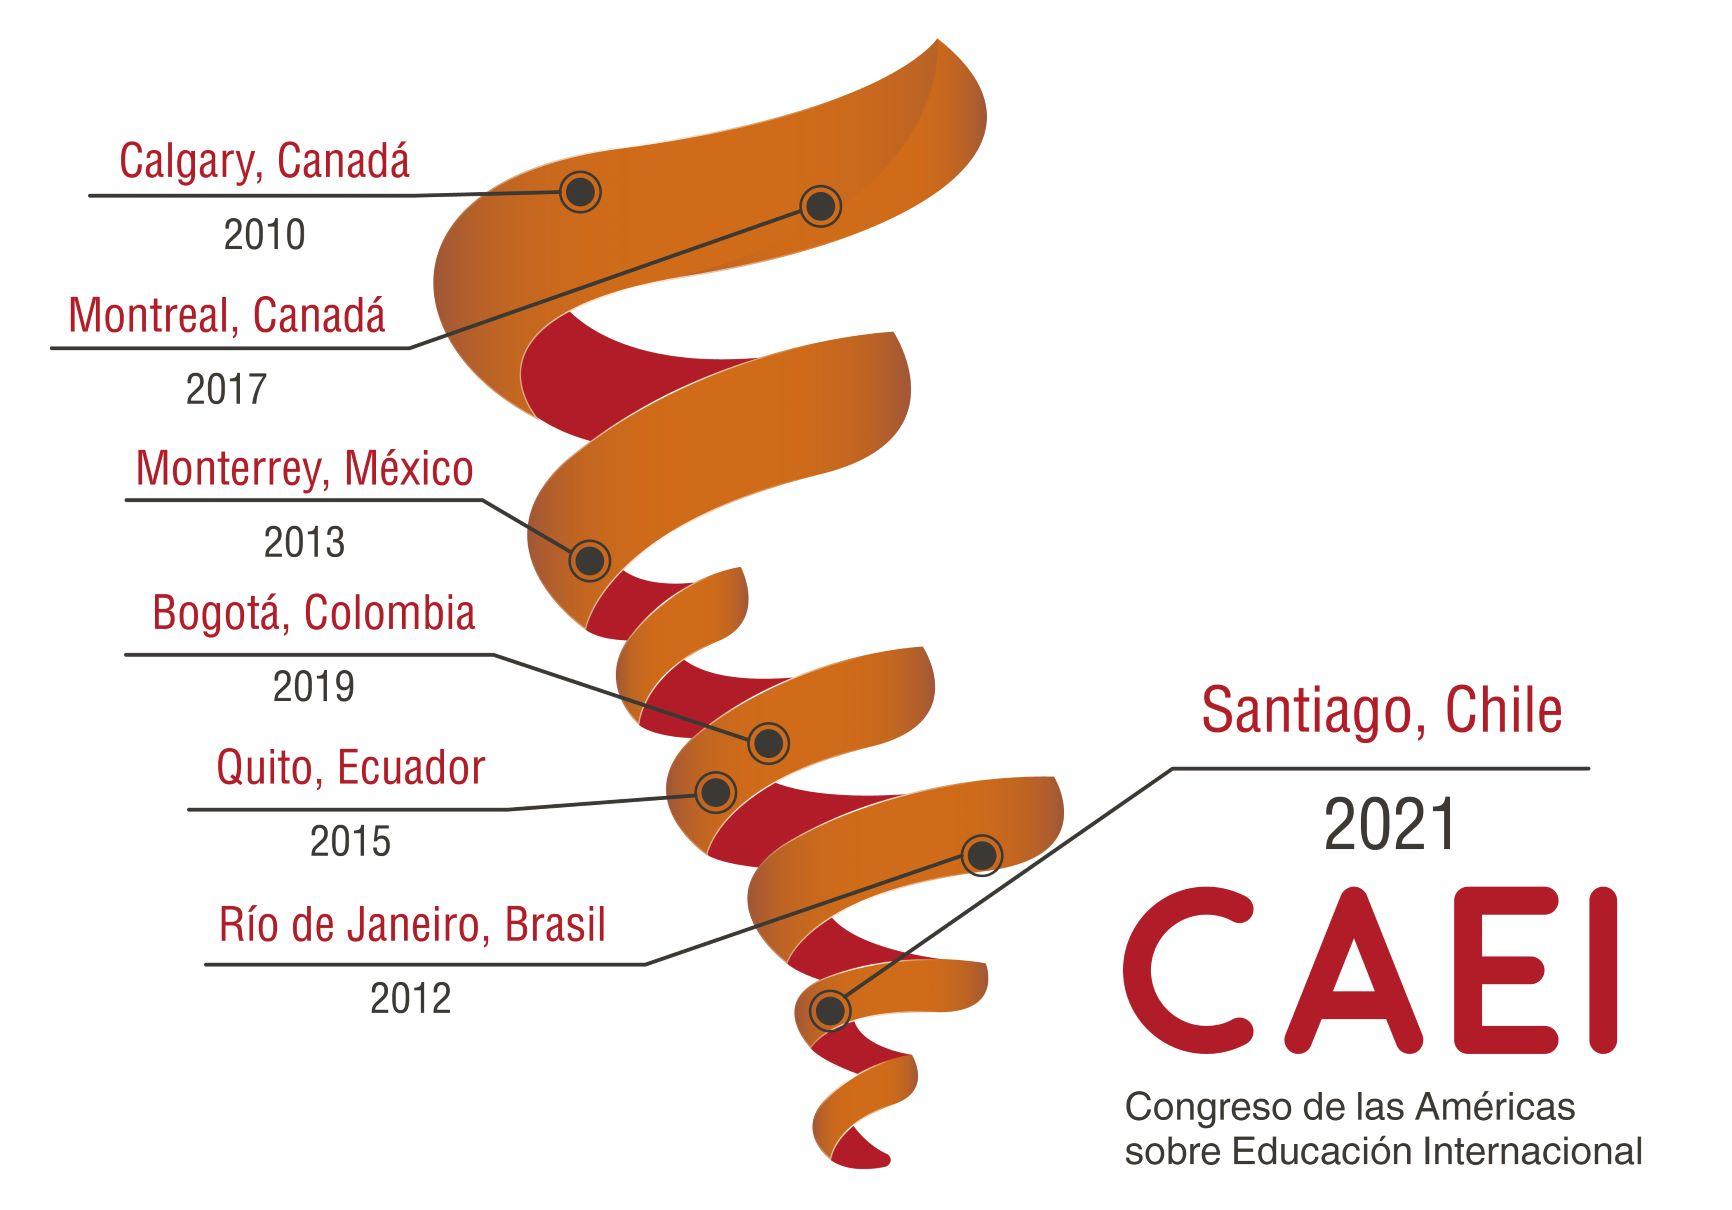 Consejo de Rectores participa en la séptima versión del Congreso de las Américas sobre Educación Internacional